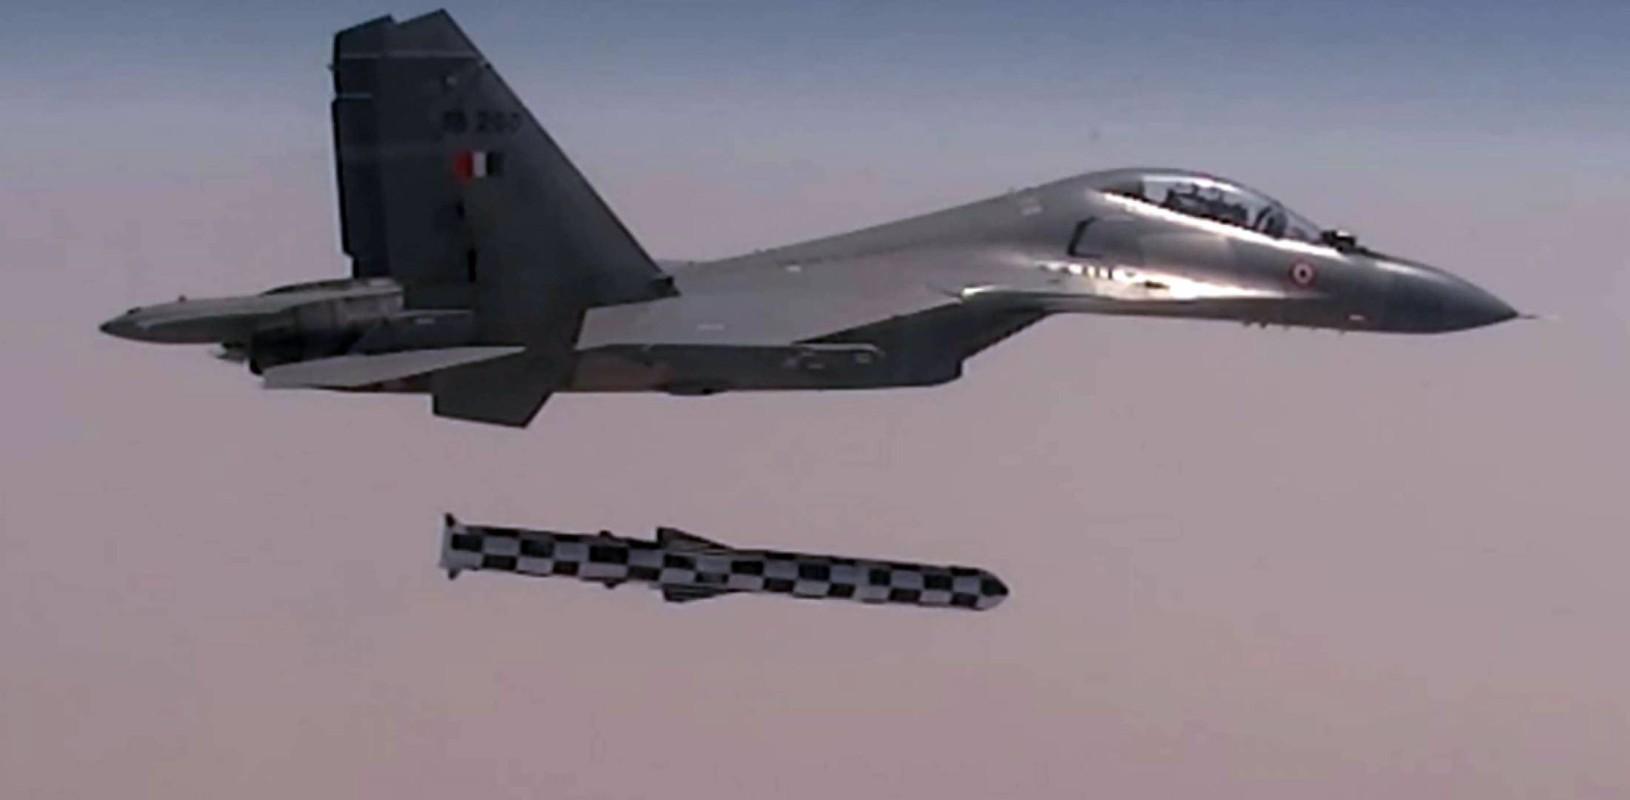 An Do tich hop BrahMos len Su-30MKI, lieu co chuyen giao cho nuoc khac?-Hinh-18